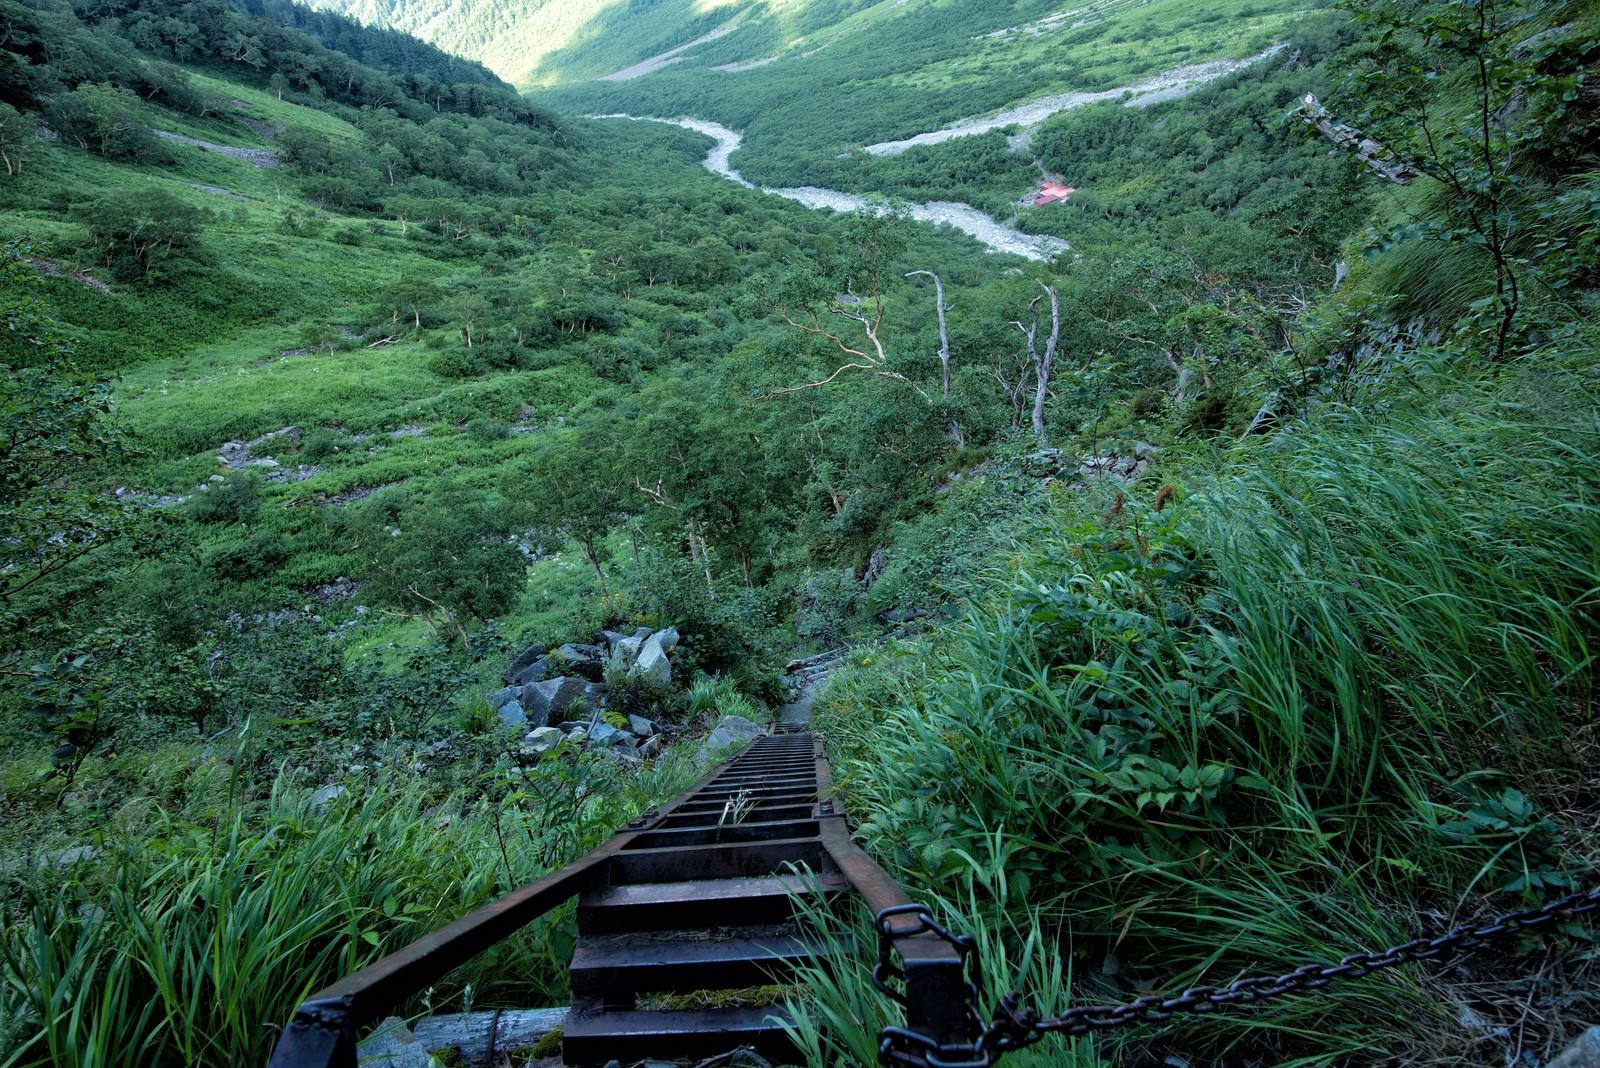 「重太郎新道の梯子場から続く登山道」の写真